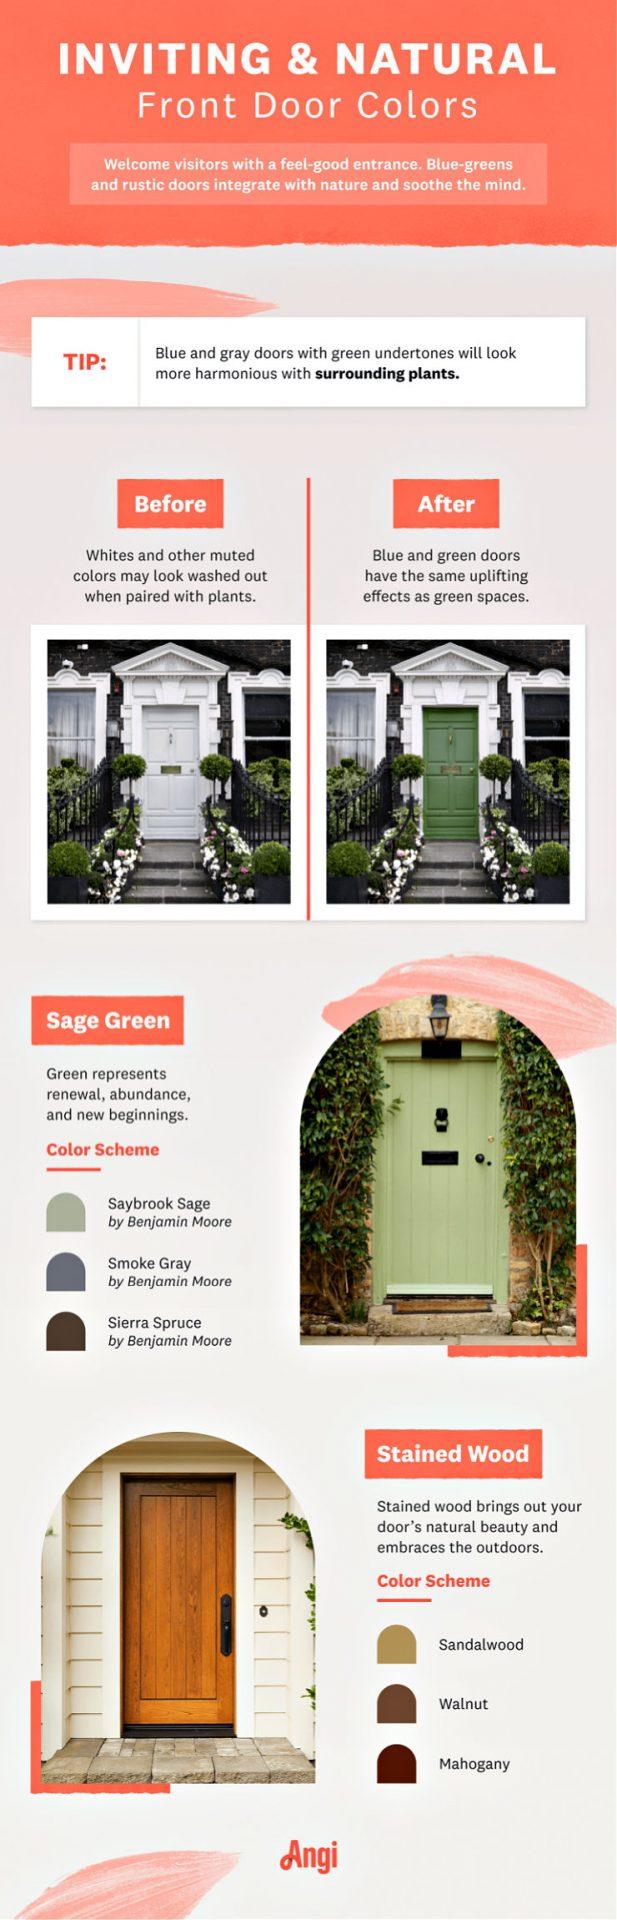 infographic on door colors